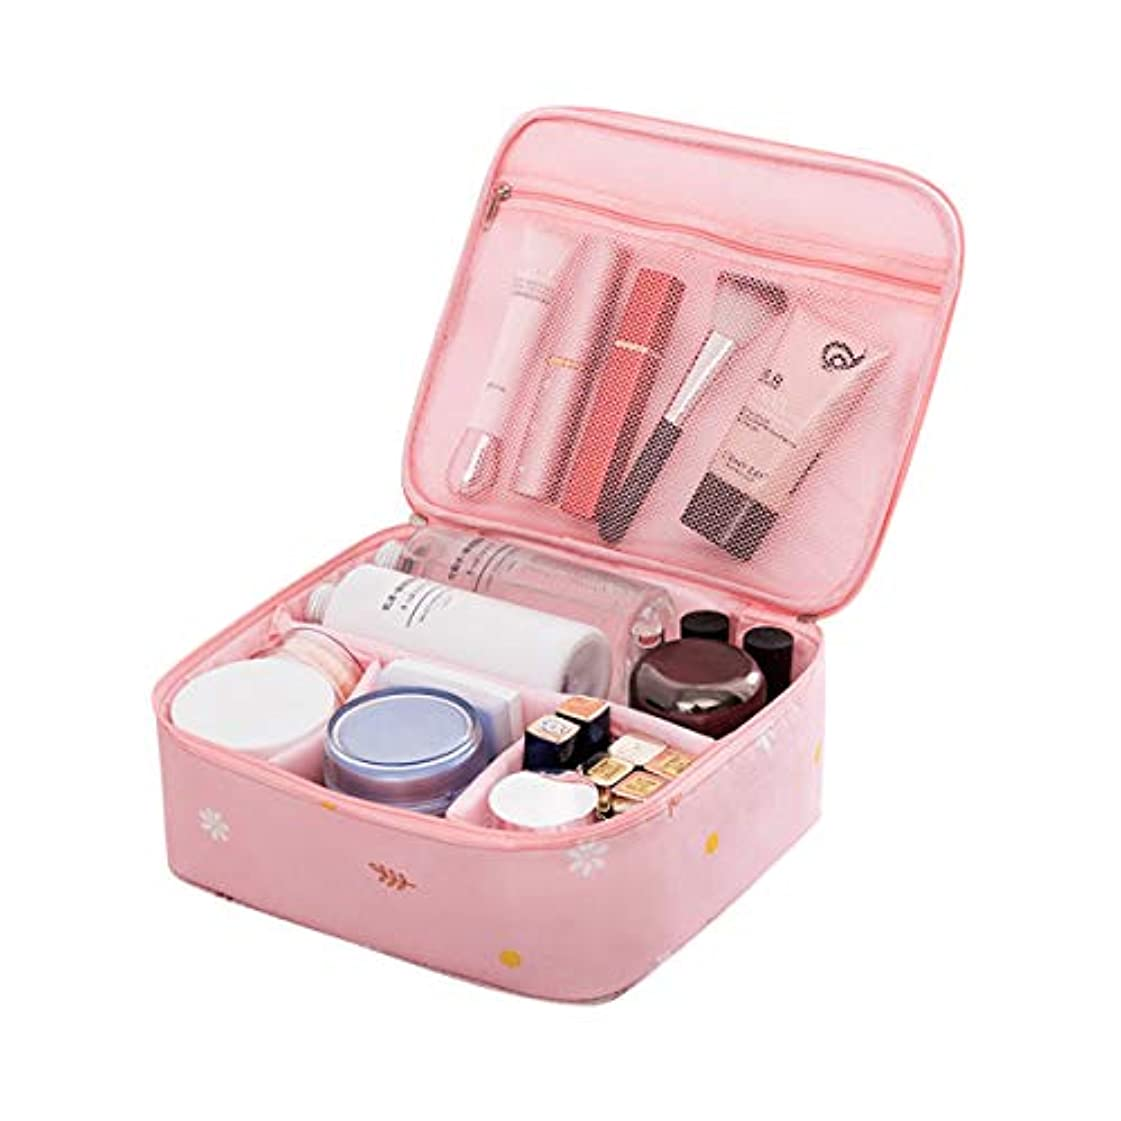 飢名声プレフィックスCoolzon化粧ポーチ 防水 機能的 大容量 化粧バッグ 軽量 化粧品収納 メイクボックス 折畳式 可愛い 旅行 出張(ピンク)